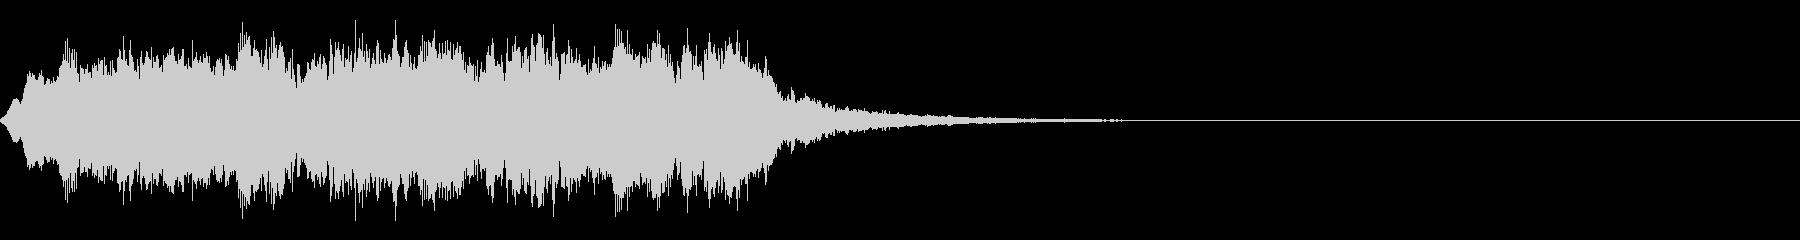 速報ジングル、突然割り込む音1の未再生の波形